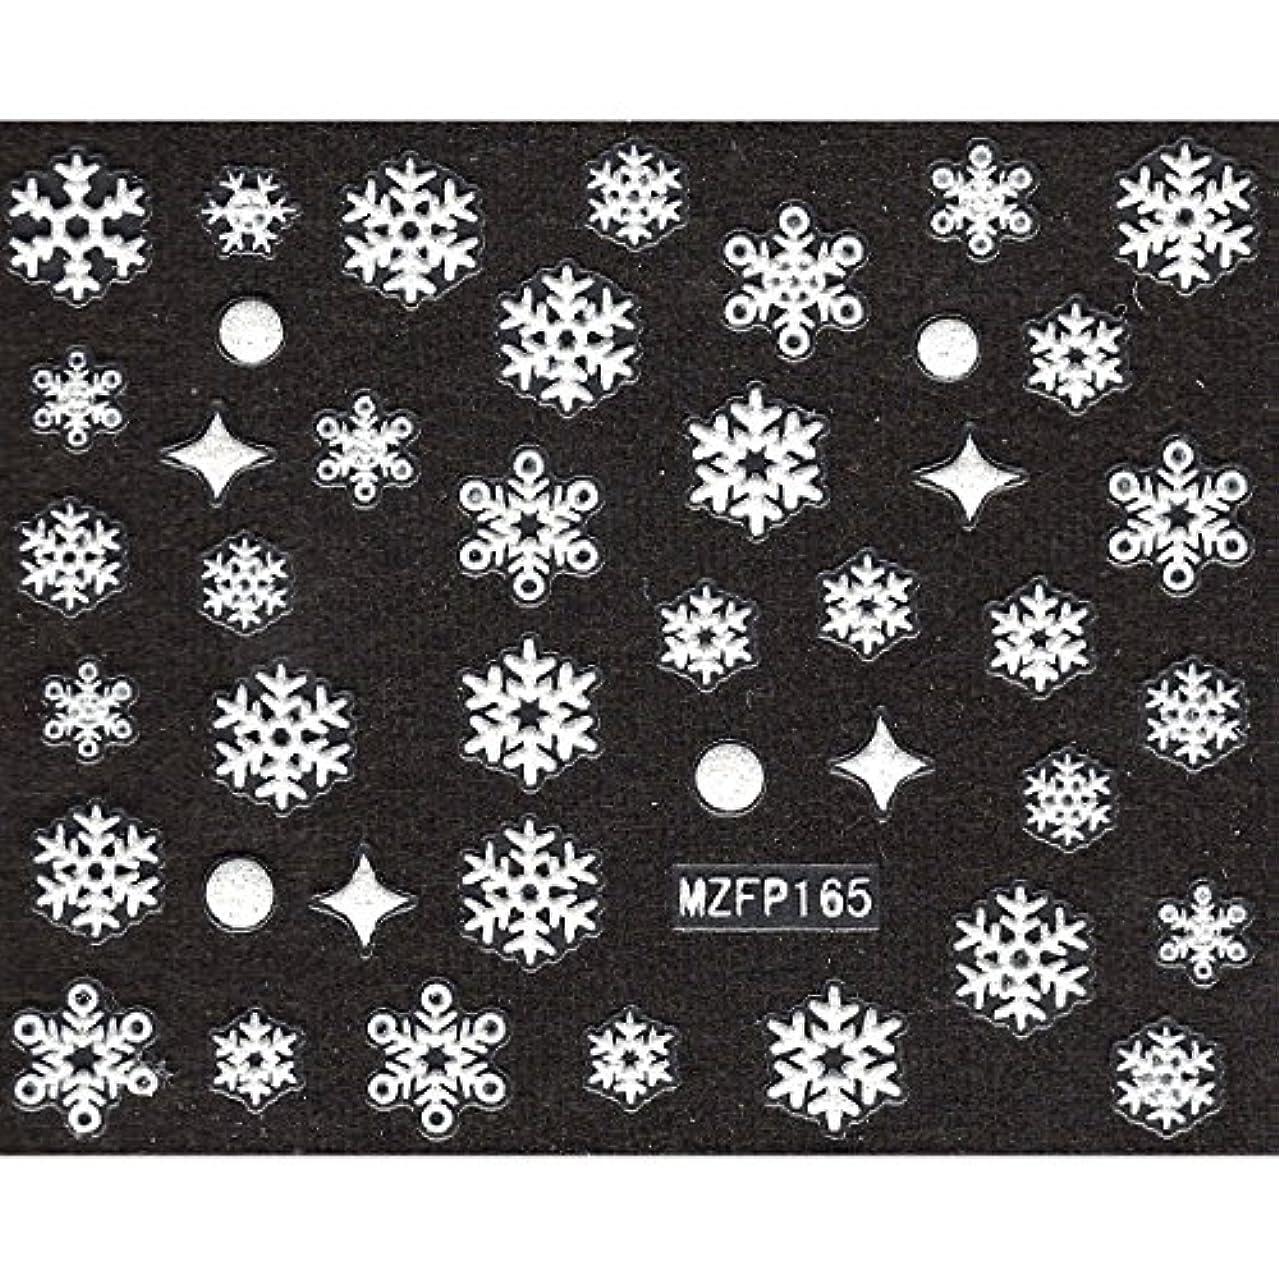 遊びます爆発物チップネイルシール 雪の結晶 選べる24種類 (Sb-01)